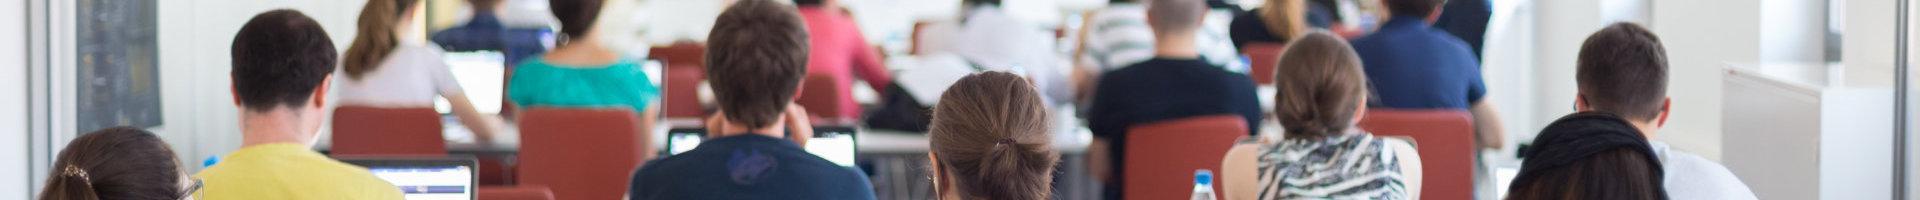 teenagers attending class